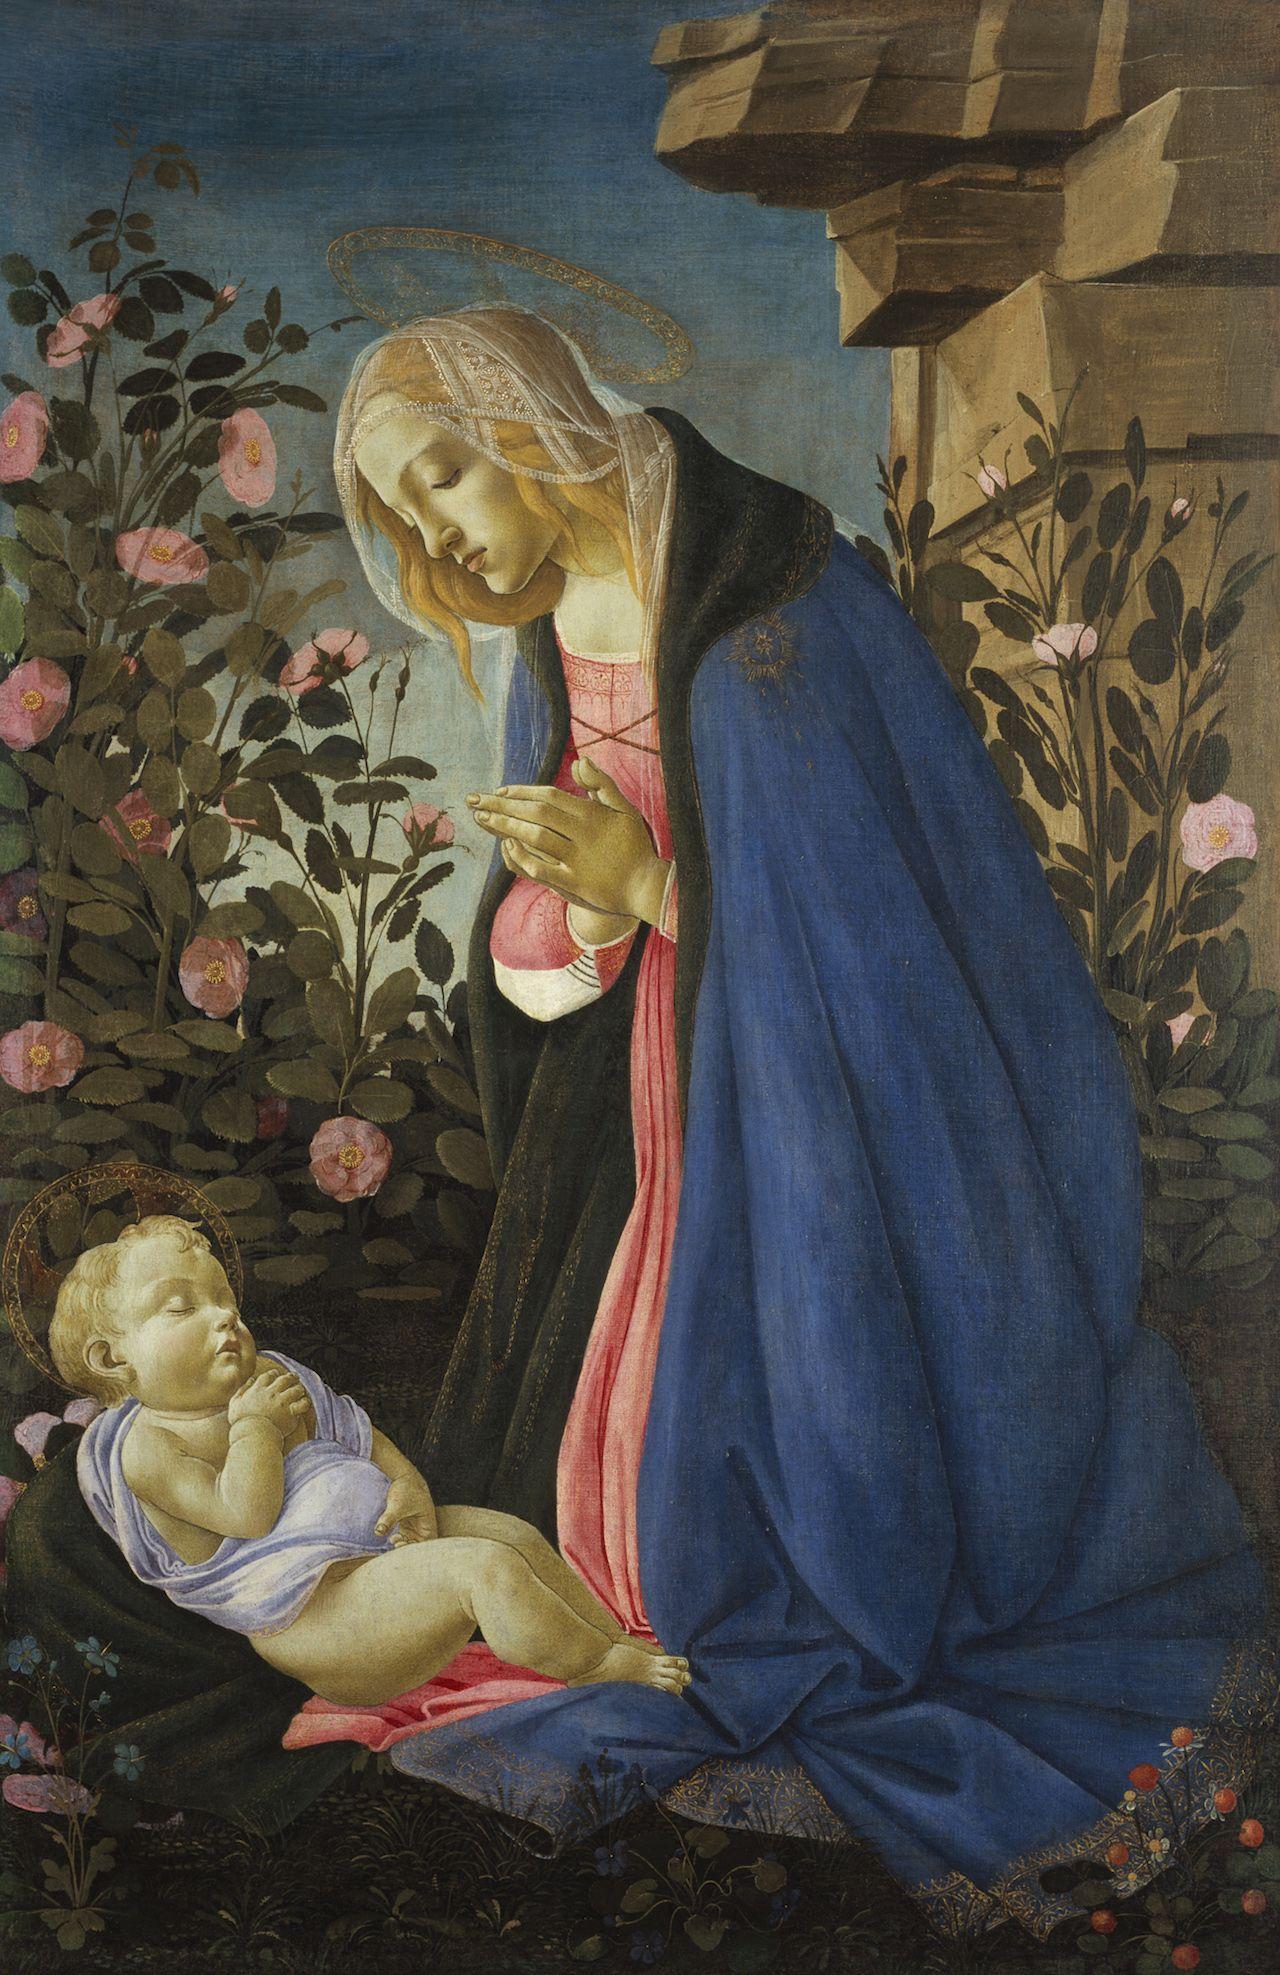 Sandro Botticelli - Madonna che adora il Bambino addormentato - c.1490 - tempera e oro su tela - National Gallery of Scotland, Edimburgo